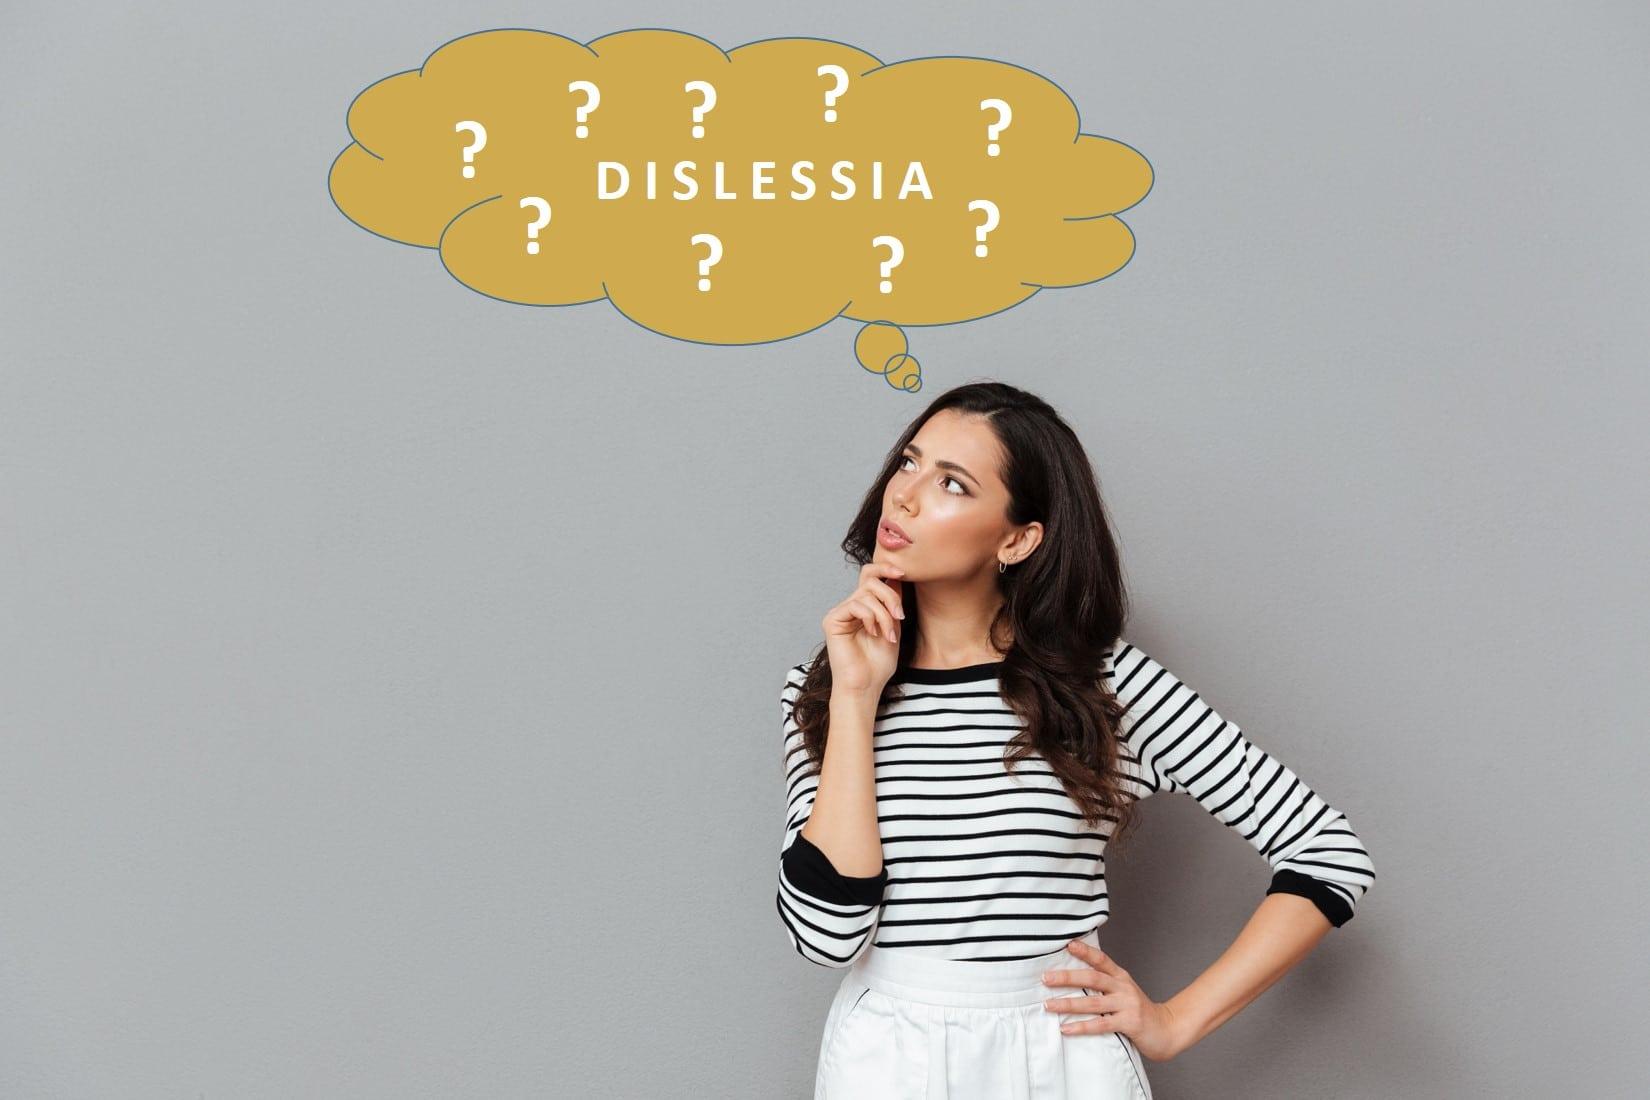 Si può o no curare la dislessia